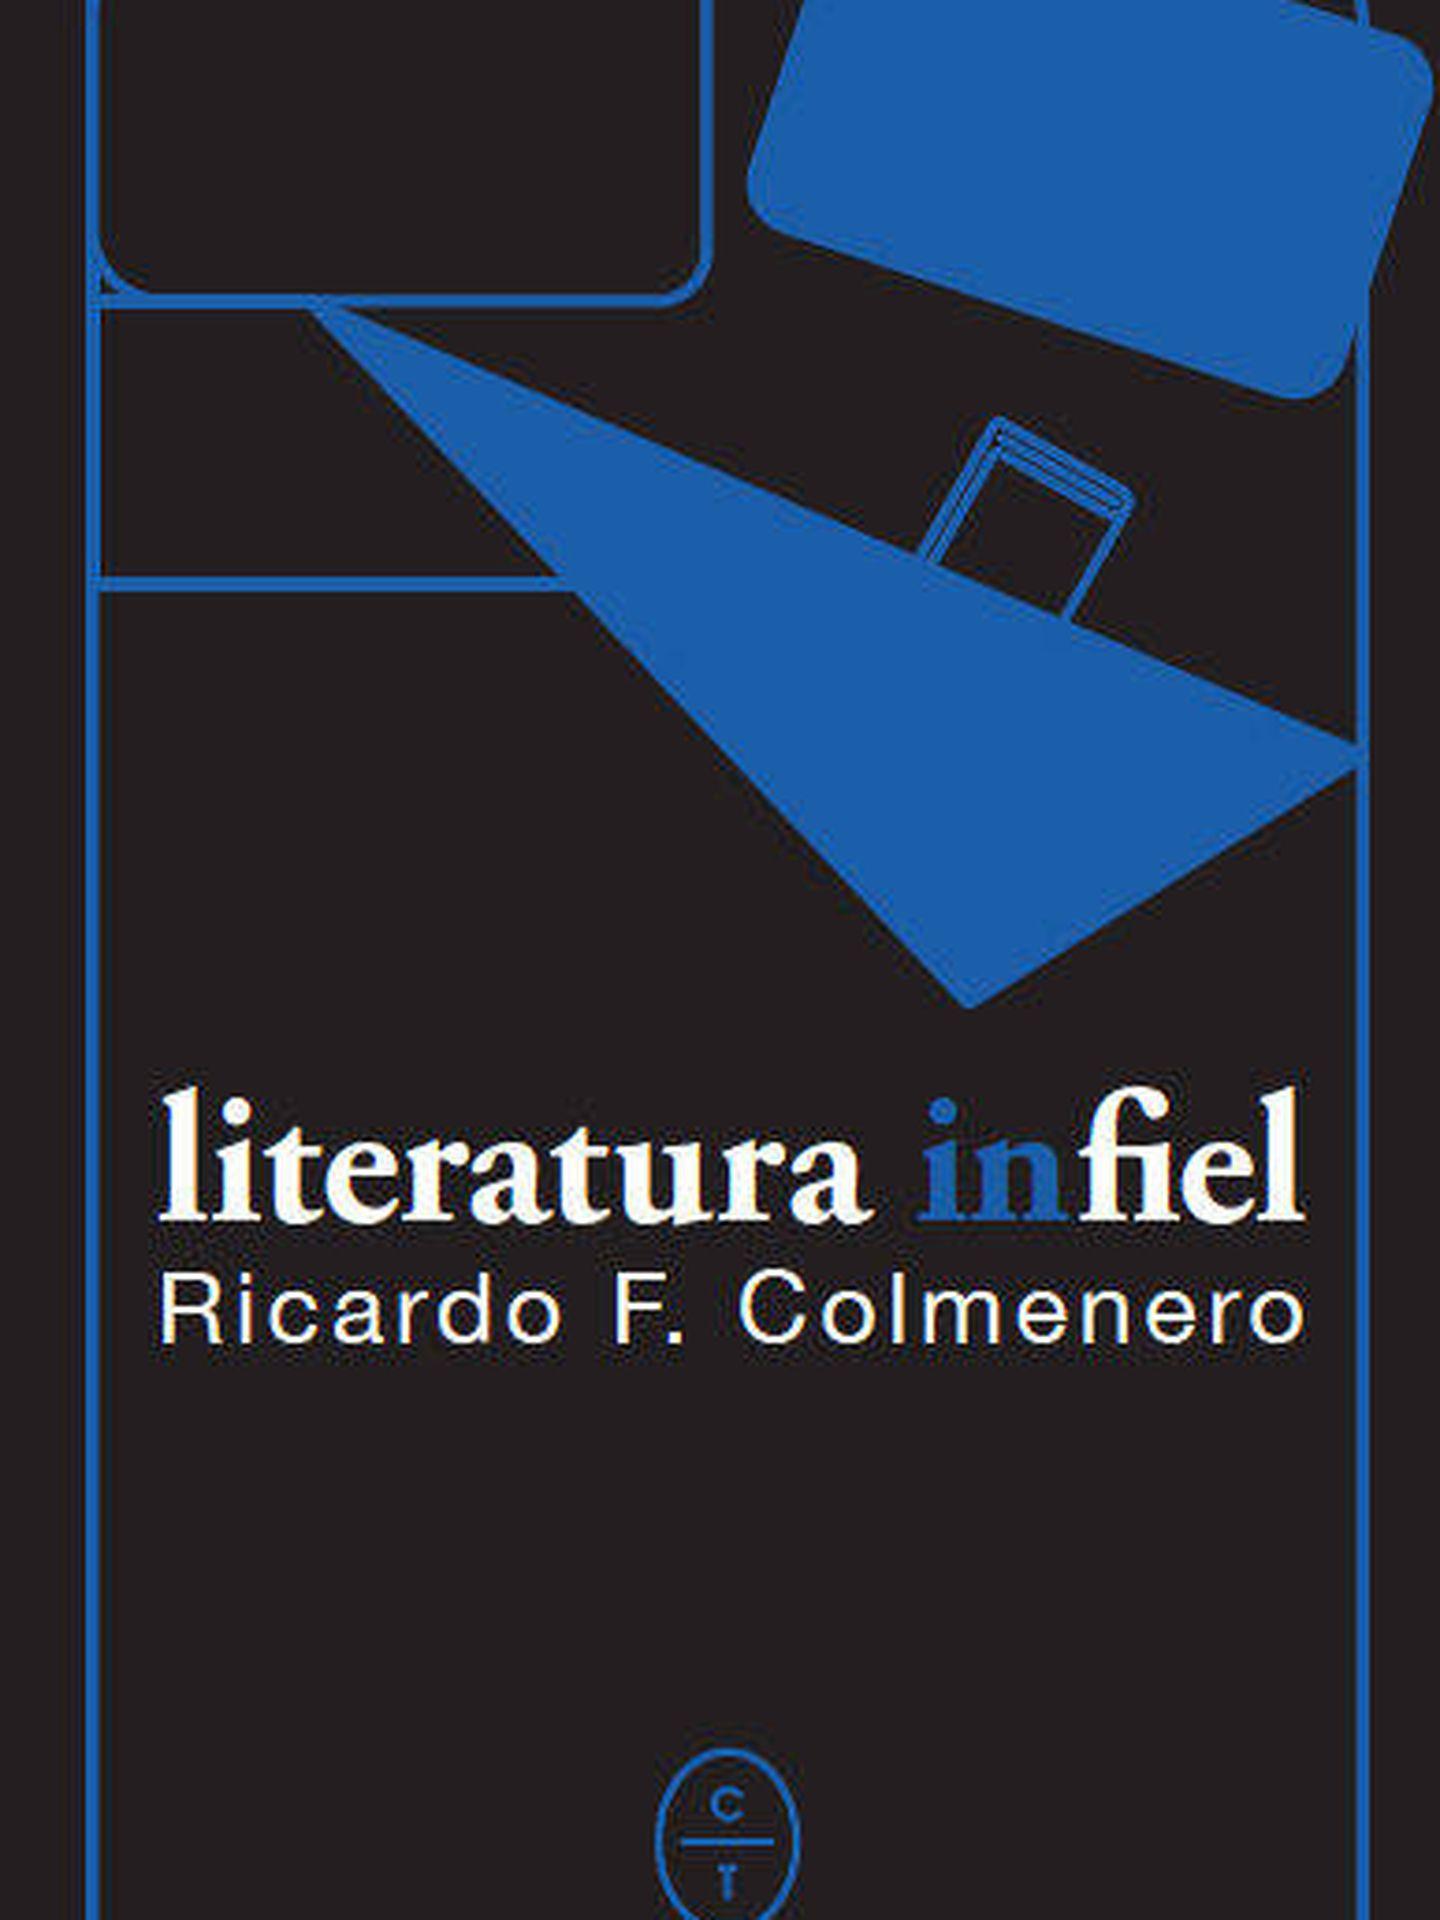 'Literatura infiel'. (Círculo de tiza)